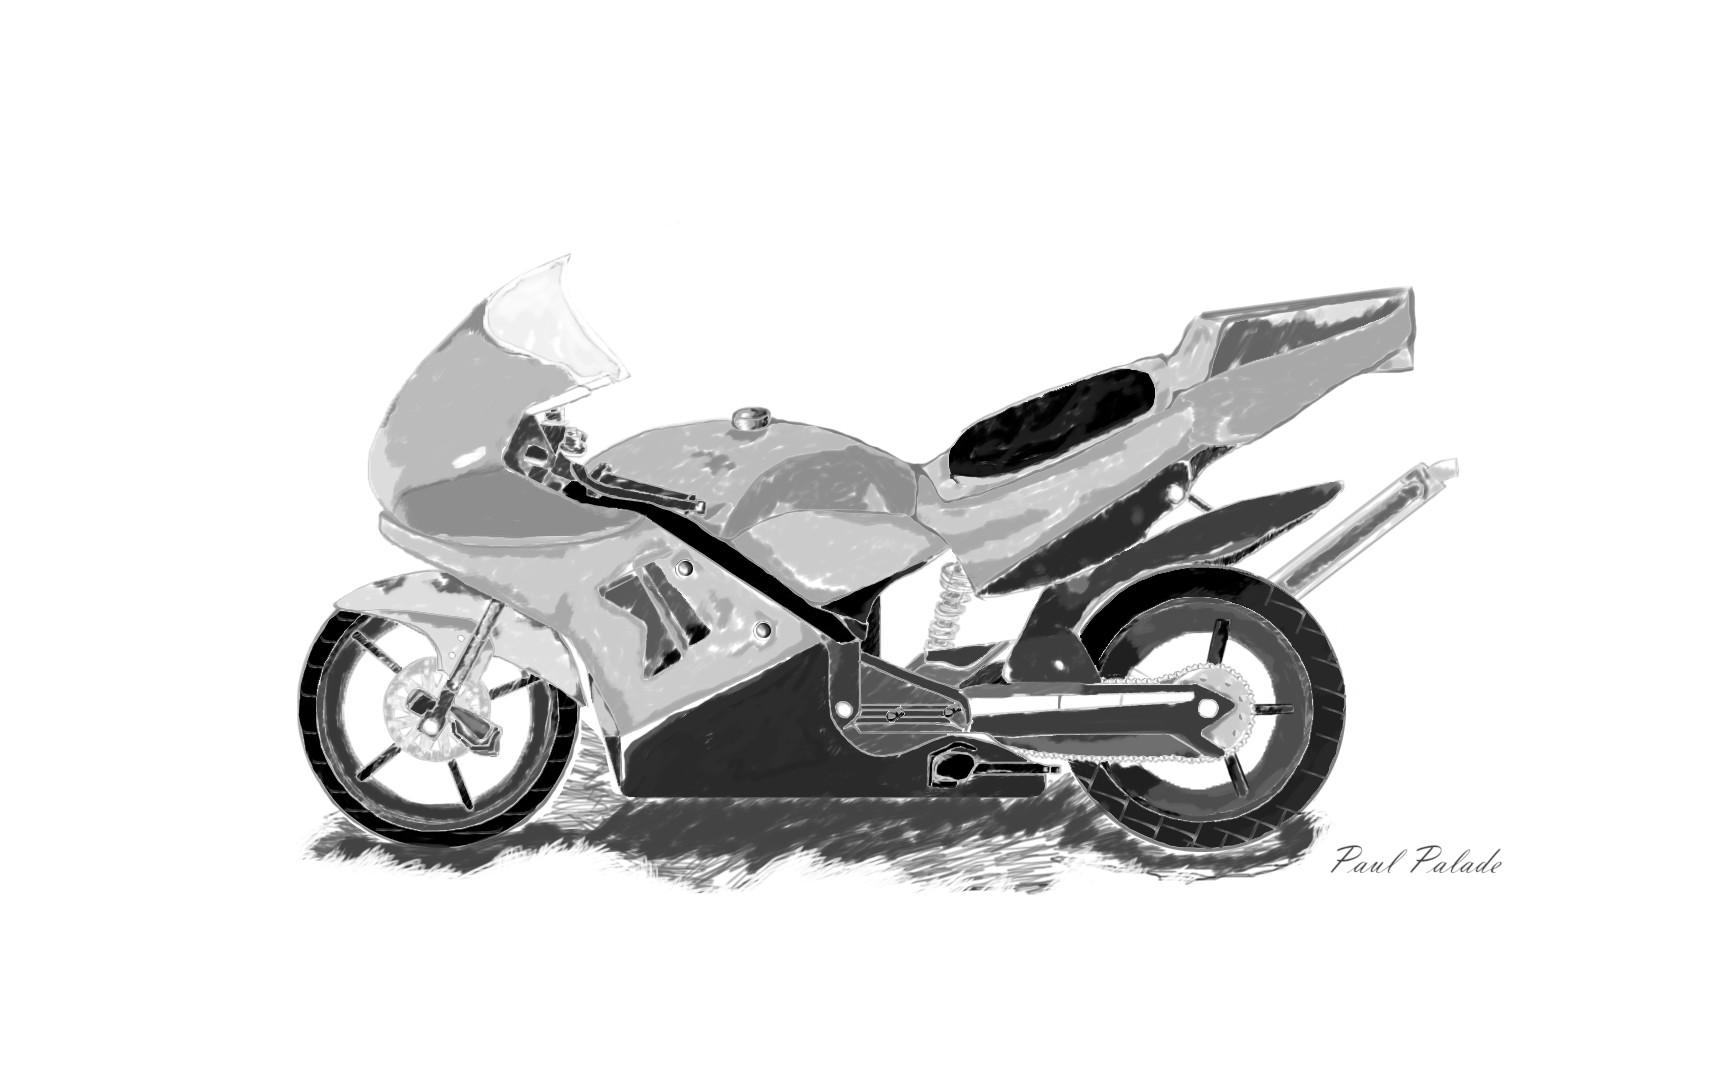 Gambar Sketsa Motor Ninja Rr